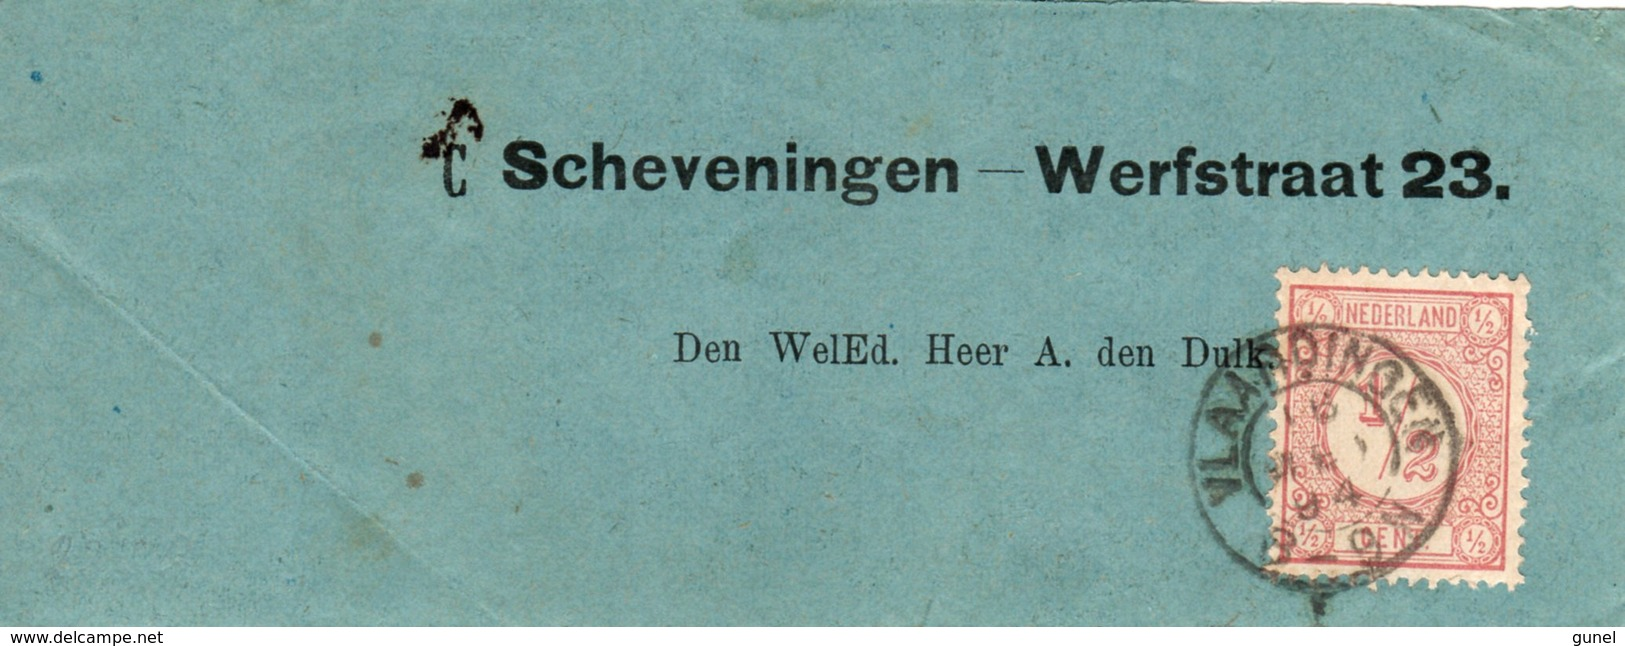 16 MEI 94 Krantebandje Met Voorgedrukt Adres Van Vlaardingen Naar Scheveningen Met NVPH 30 - Periode 1891-1948 (Wilhelmina)